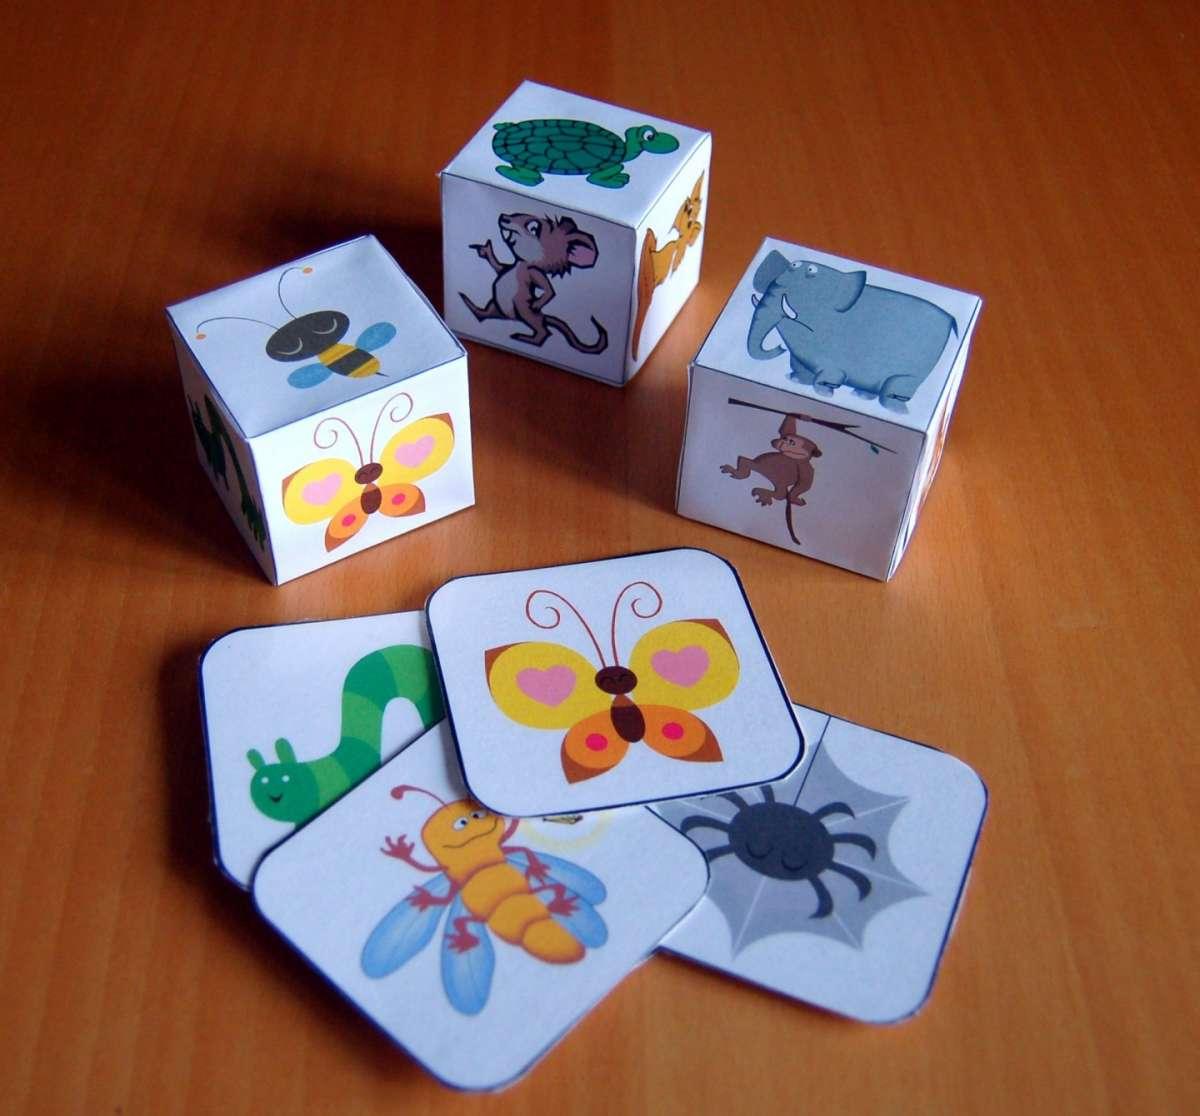 Dadi di carta con animali